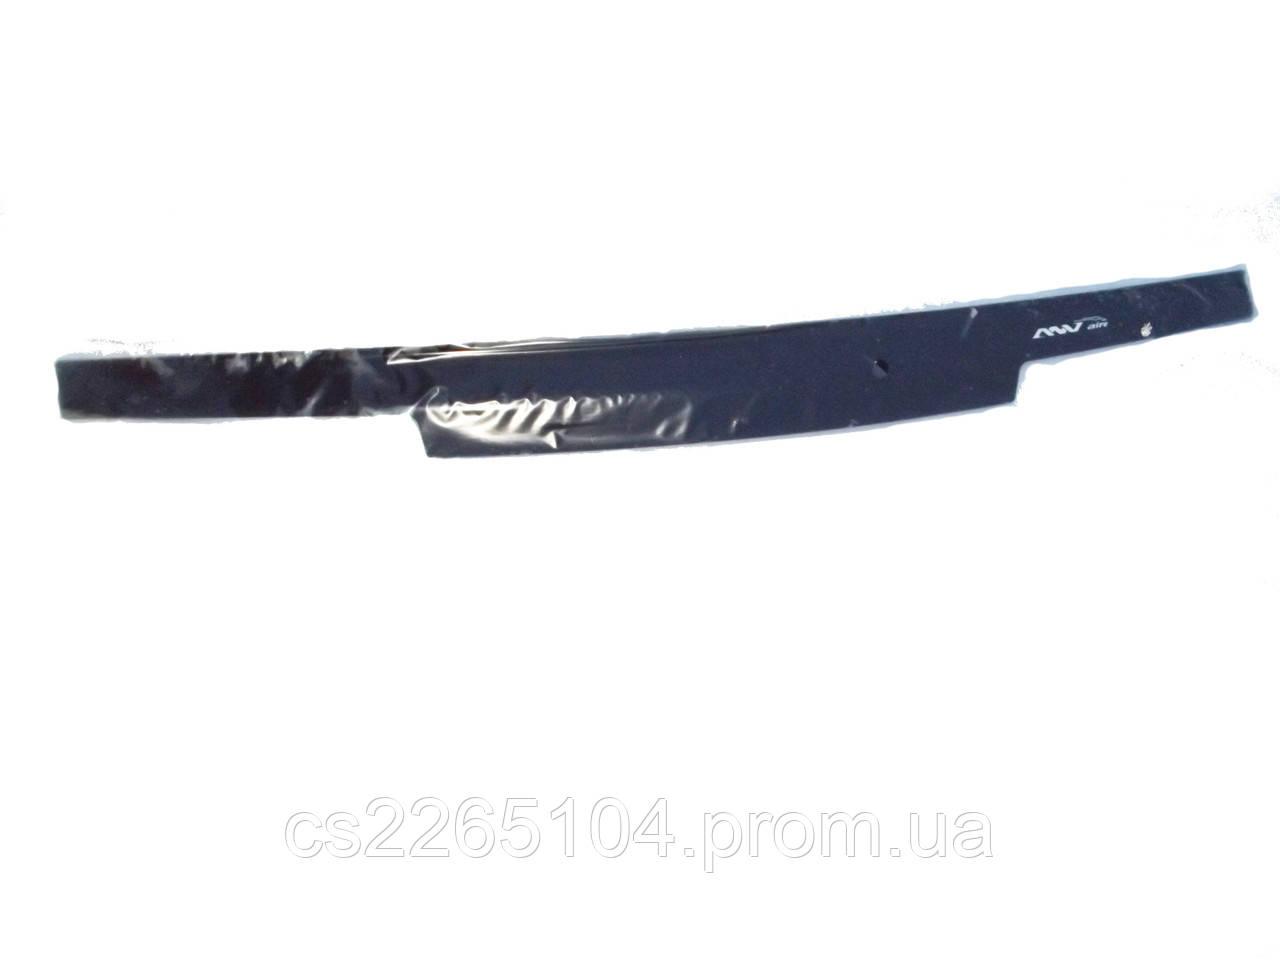 Дефлектор капота ВАЗ 2170 Приора